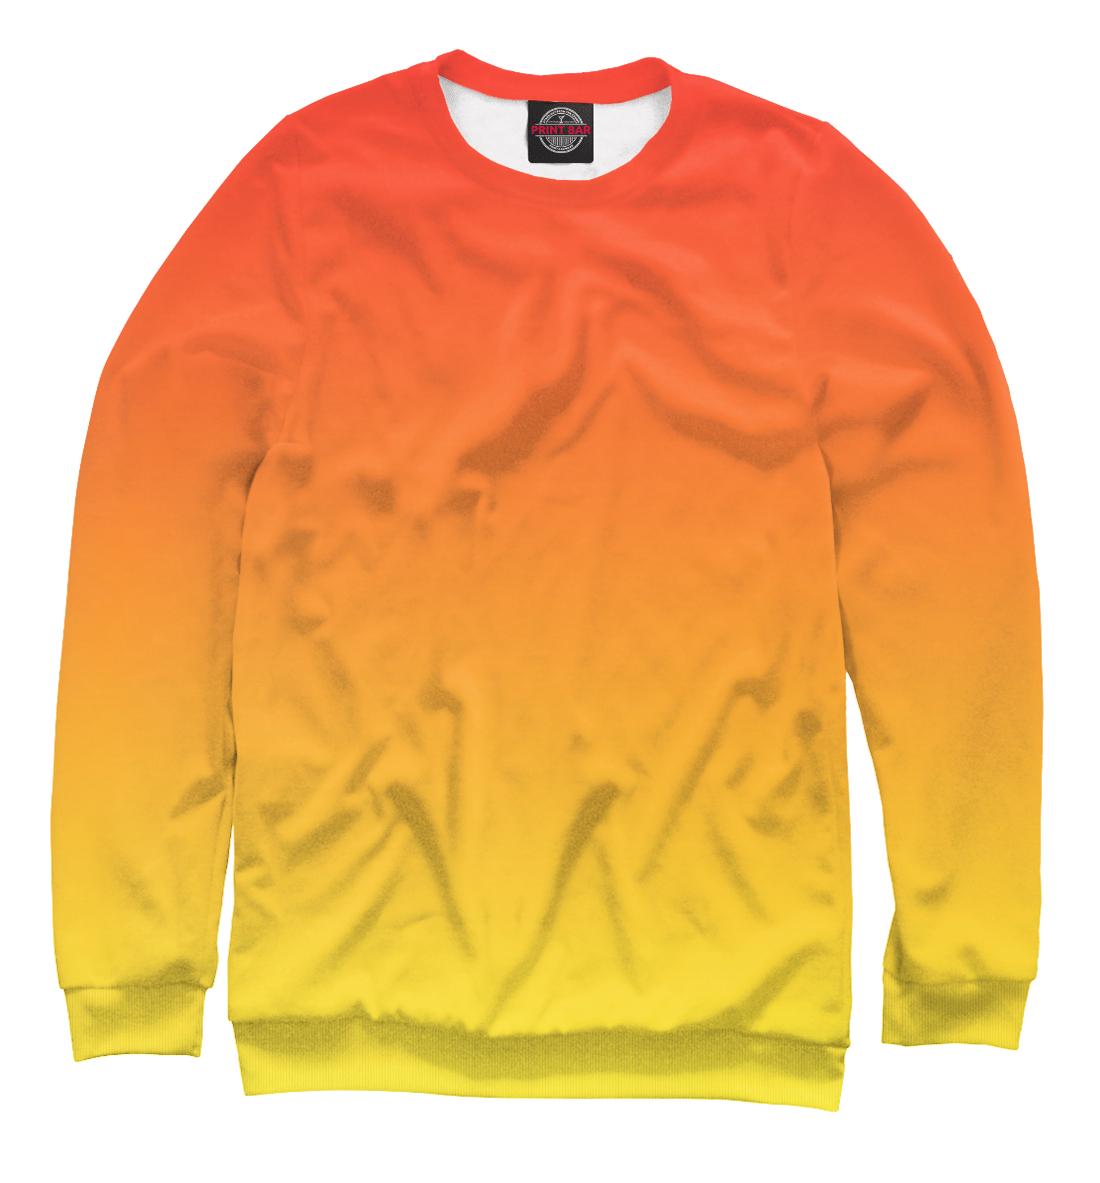 Купить Градиент: Красный в Желтый, Printbar, Свитшоты, CLR-550766-swi-1